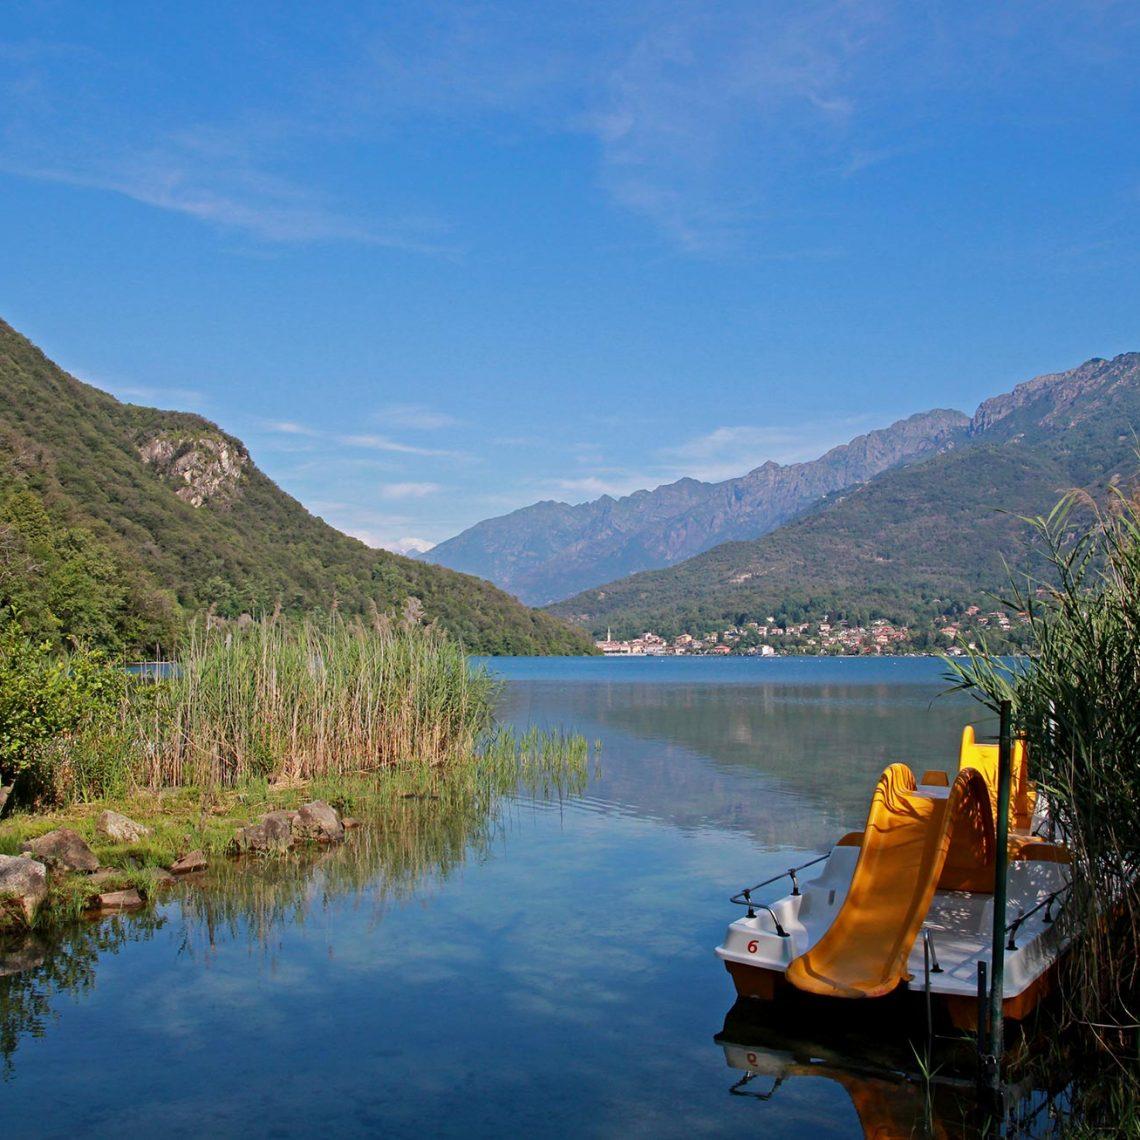 Baden im Lago Mergozzo